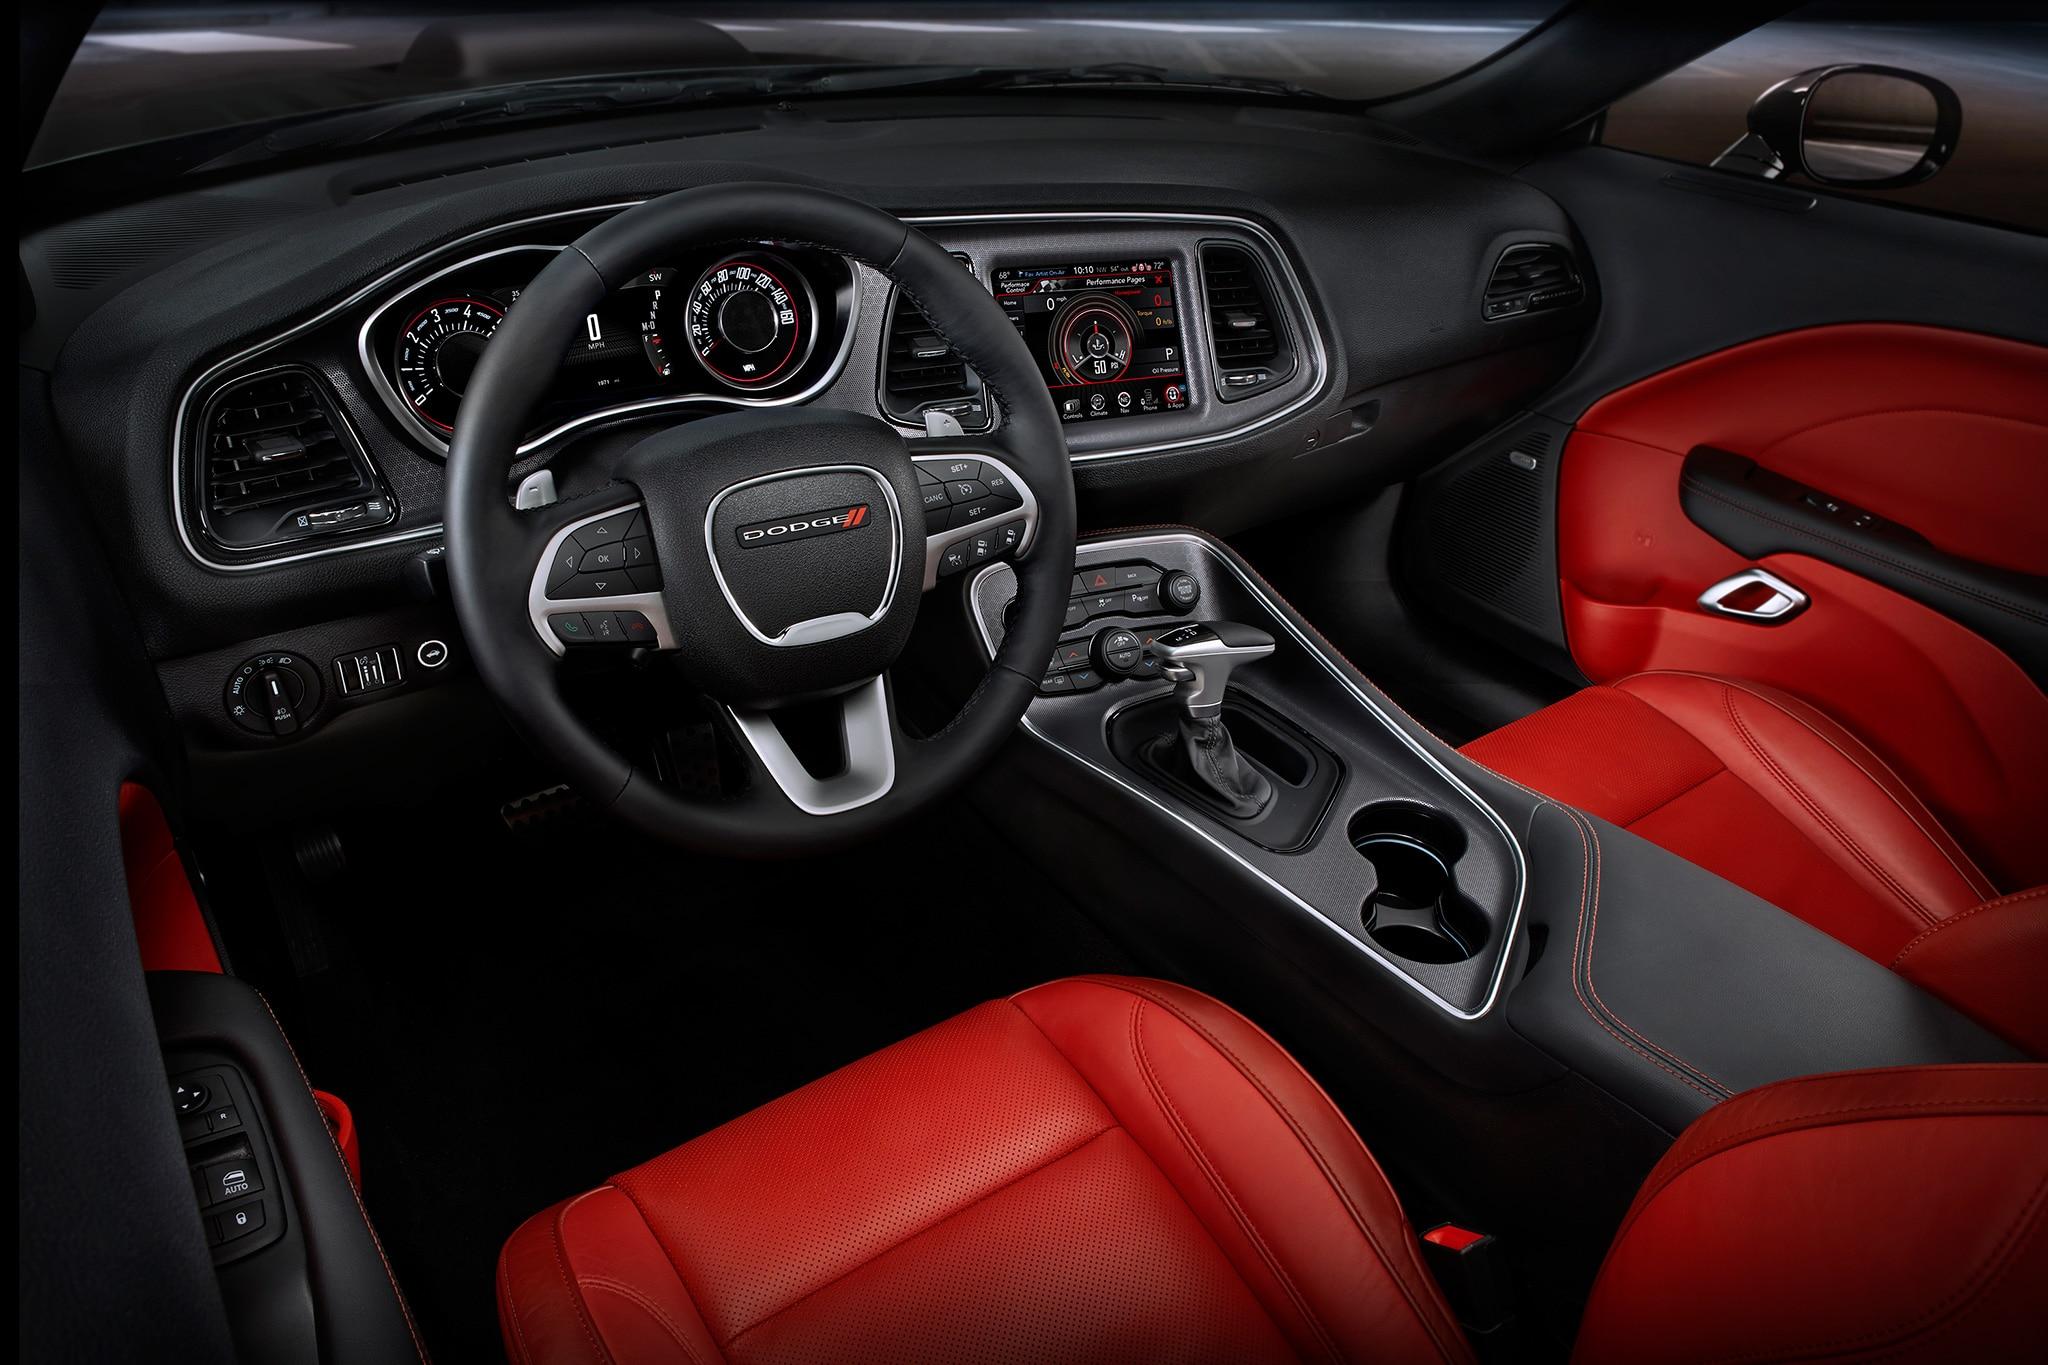 2017-Dodge-Challenger-SXT-Plus-cabin